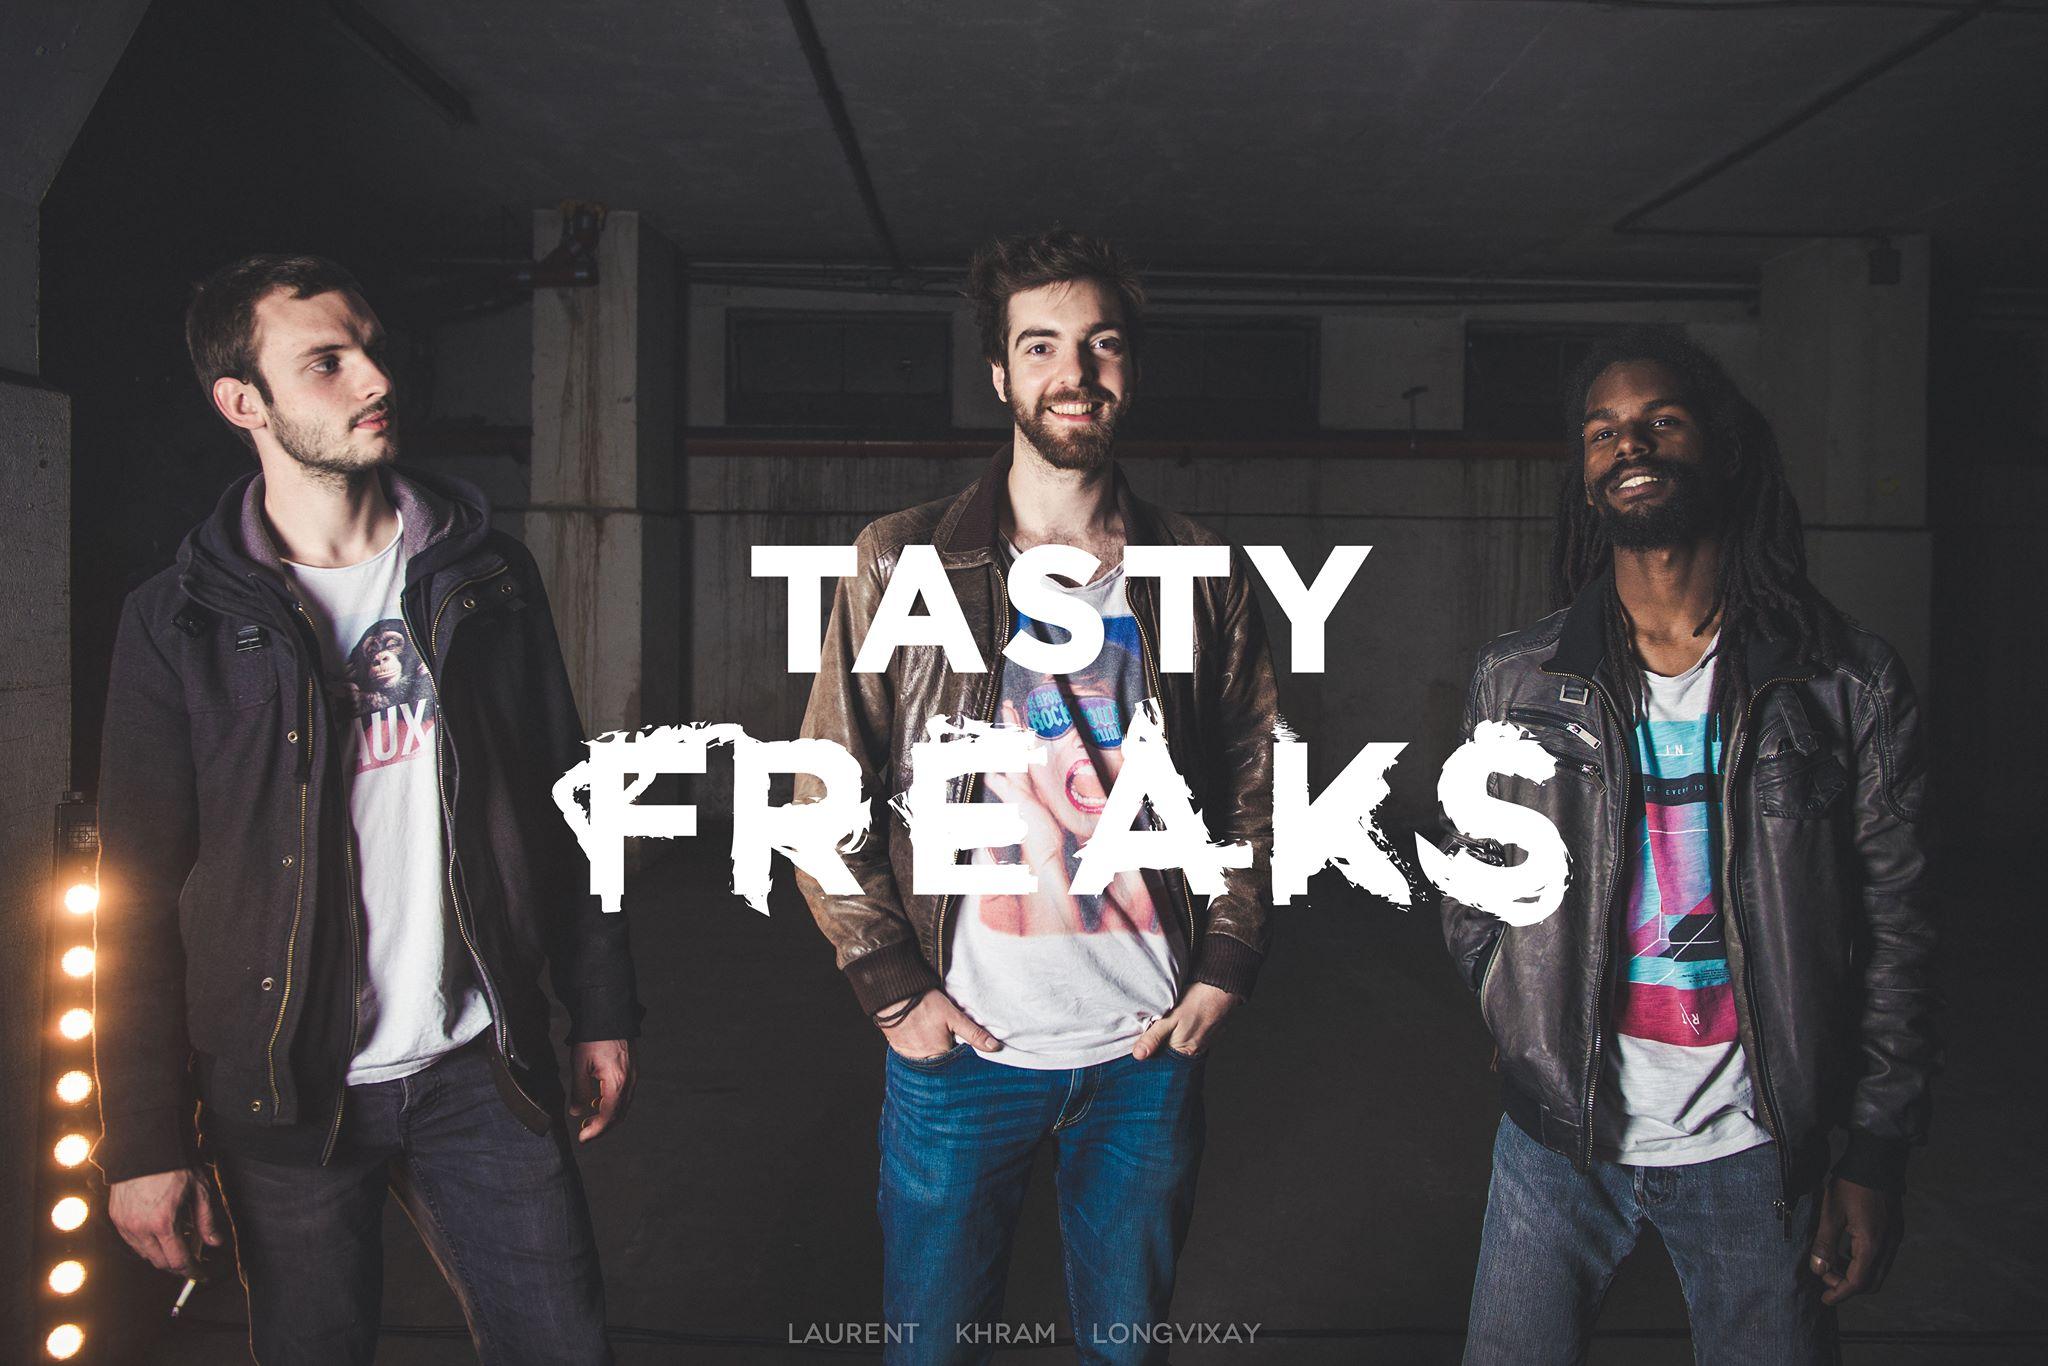 Tasty Freaks jouent au Centre à Saint Nazaire vendredi soir en concert.